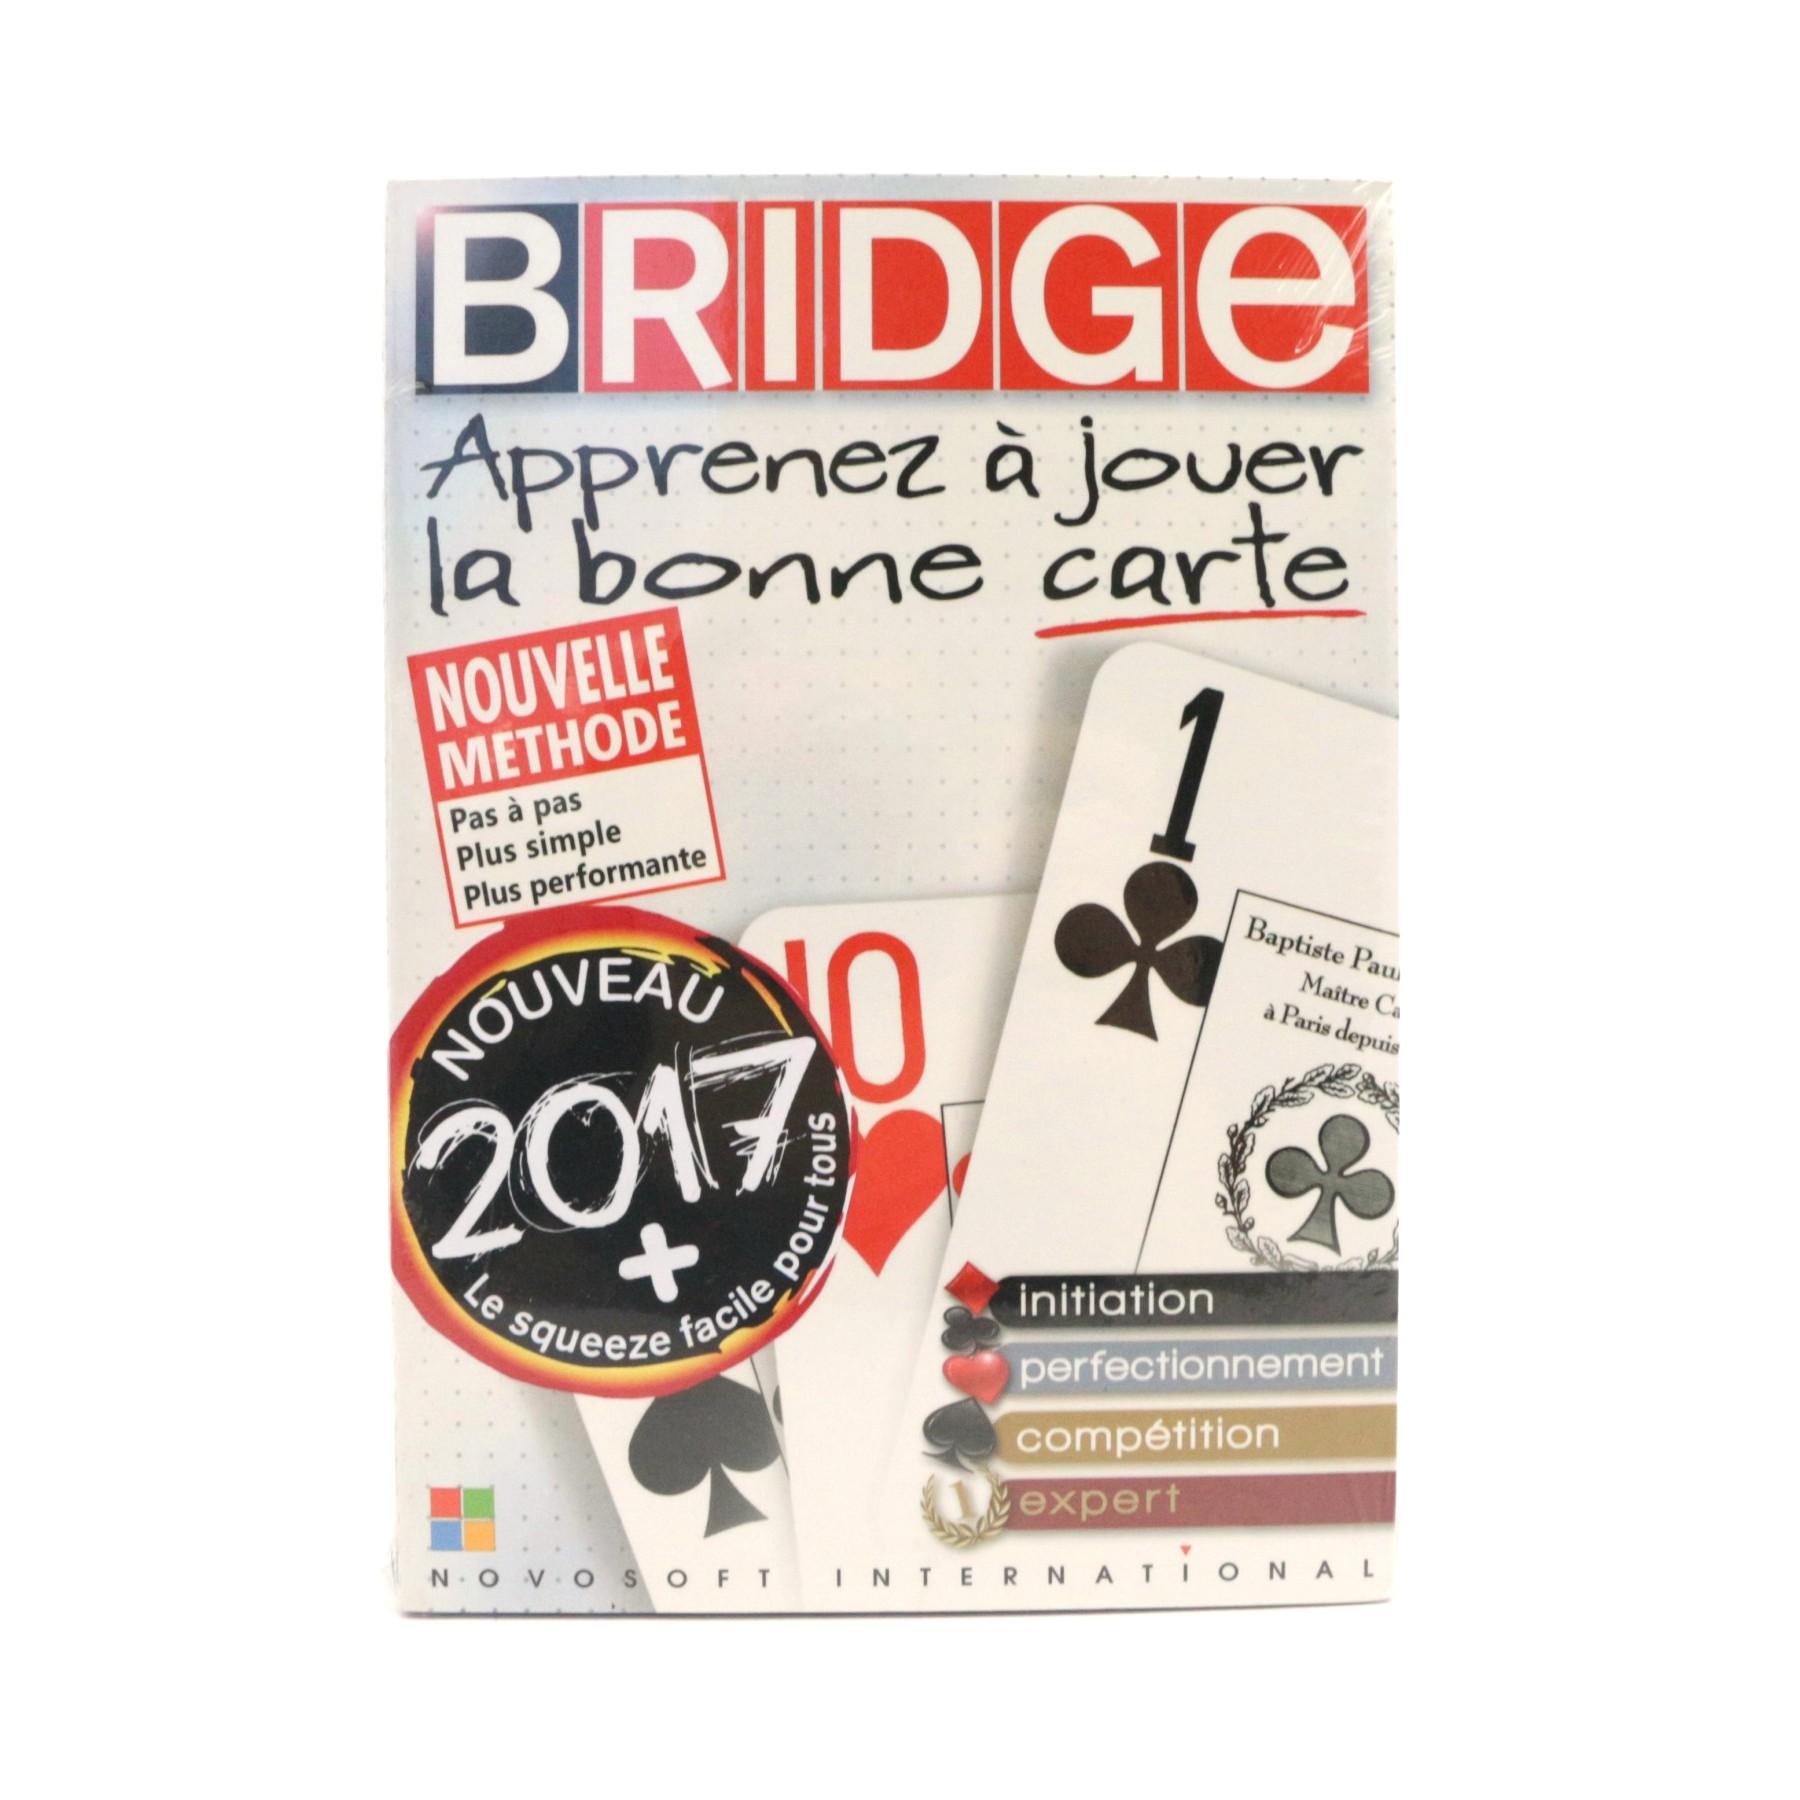 Bridge: Apprenez à jouer la bonne carte [Novosoft]